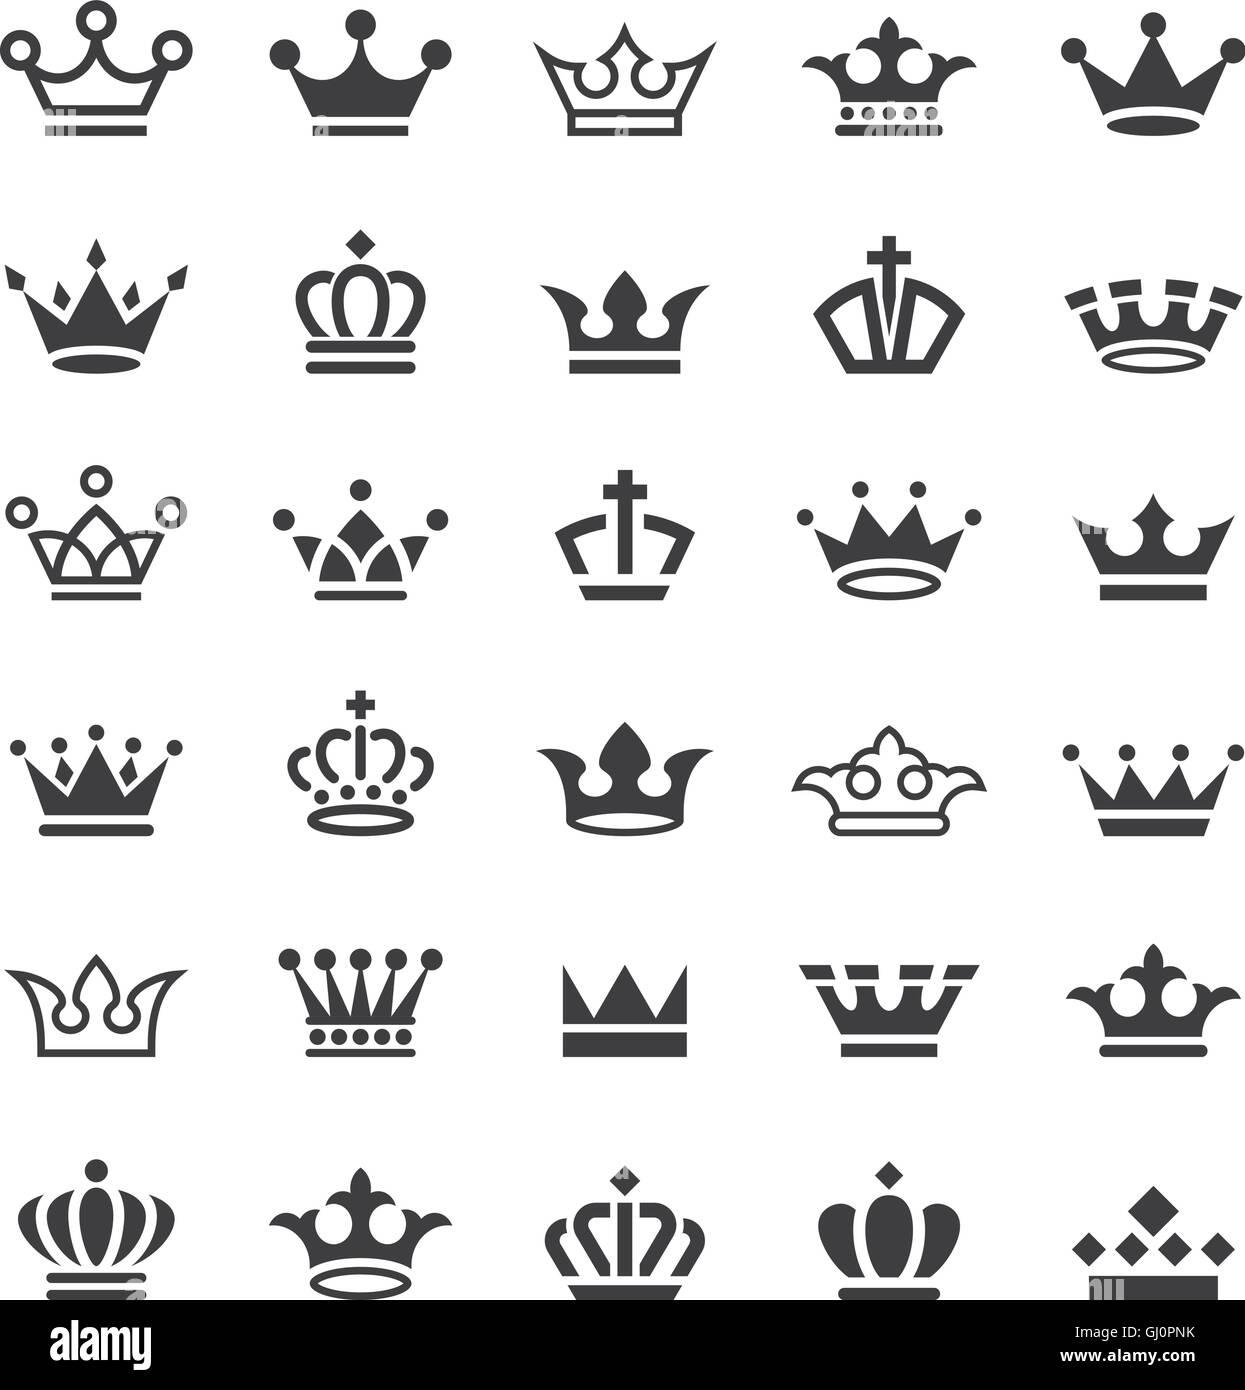 Crown Vector Vectors Stock Photos & Crown Vector Vectors